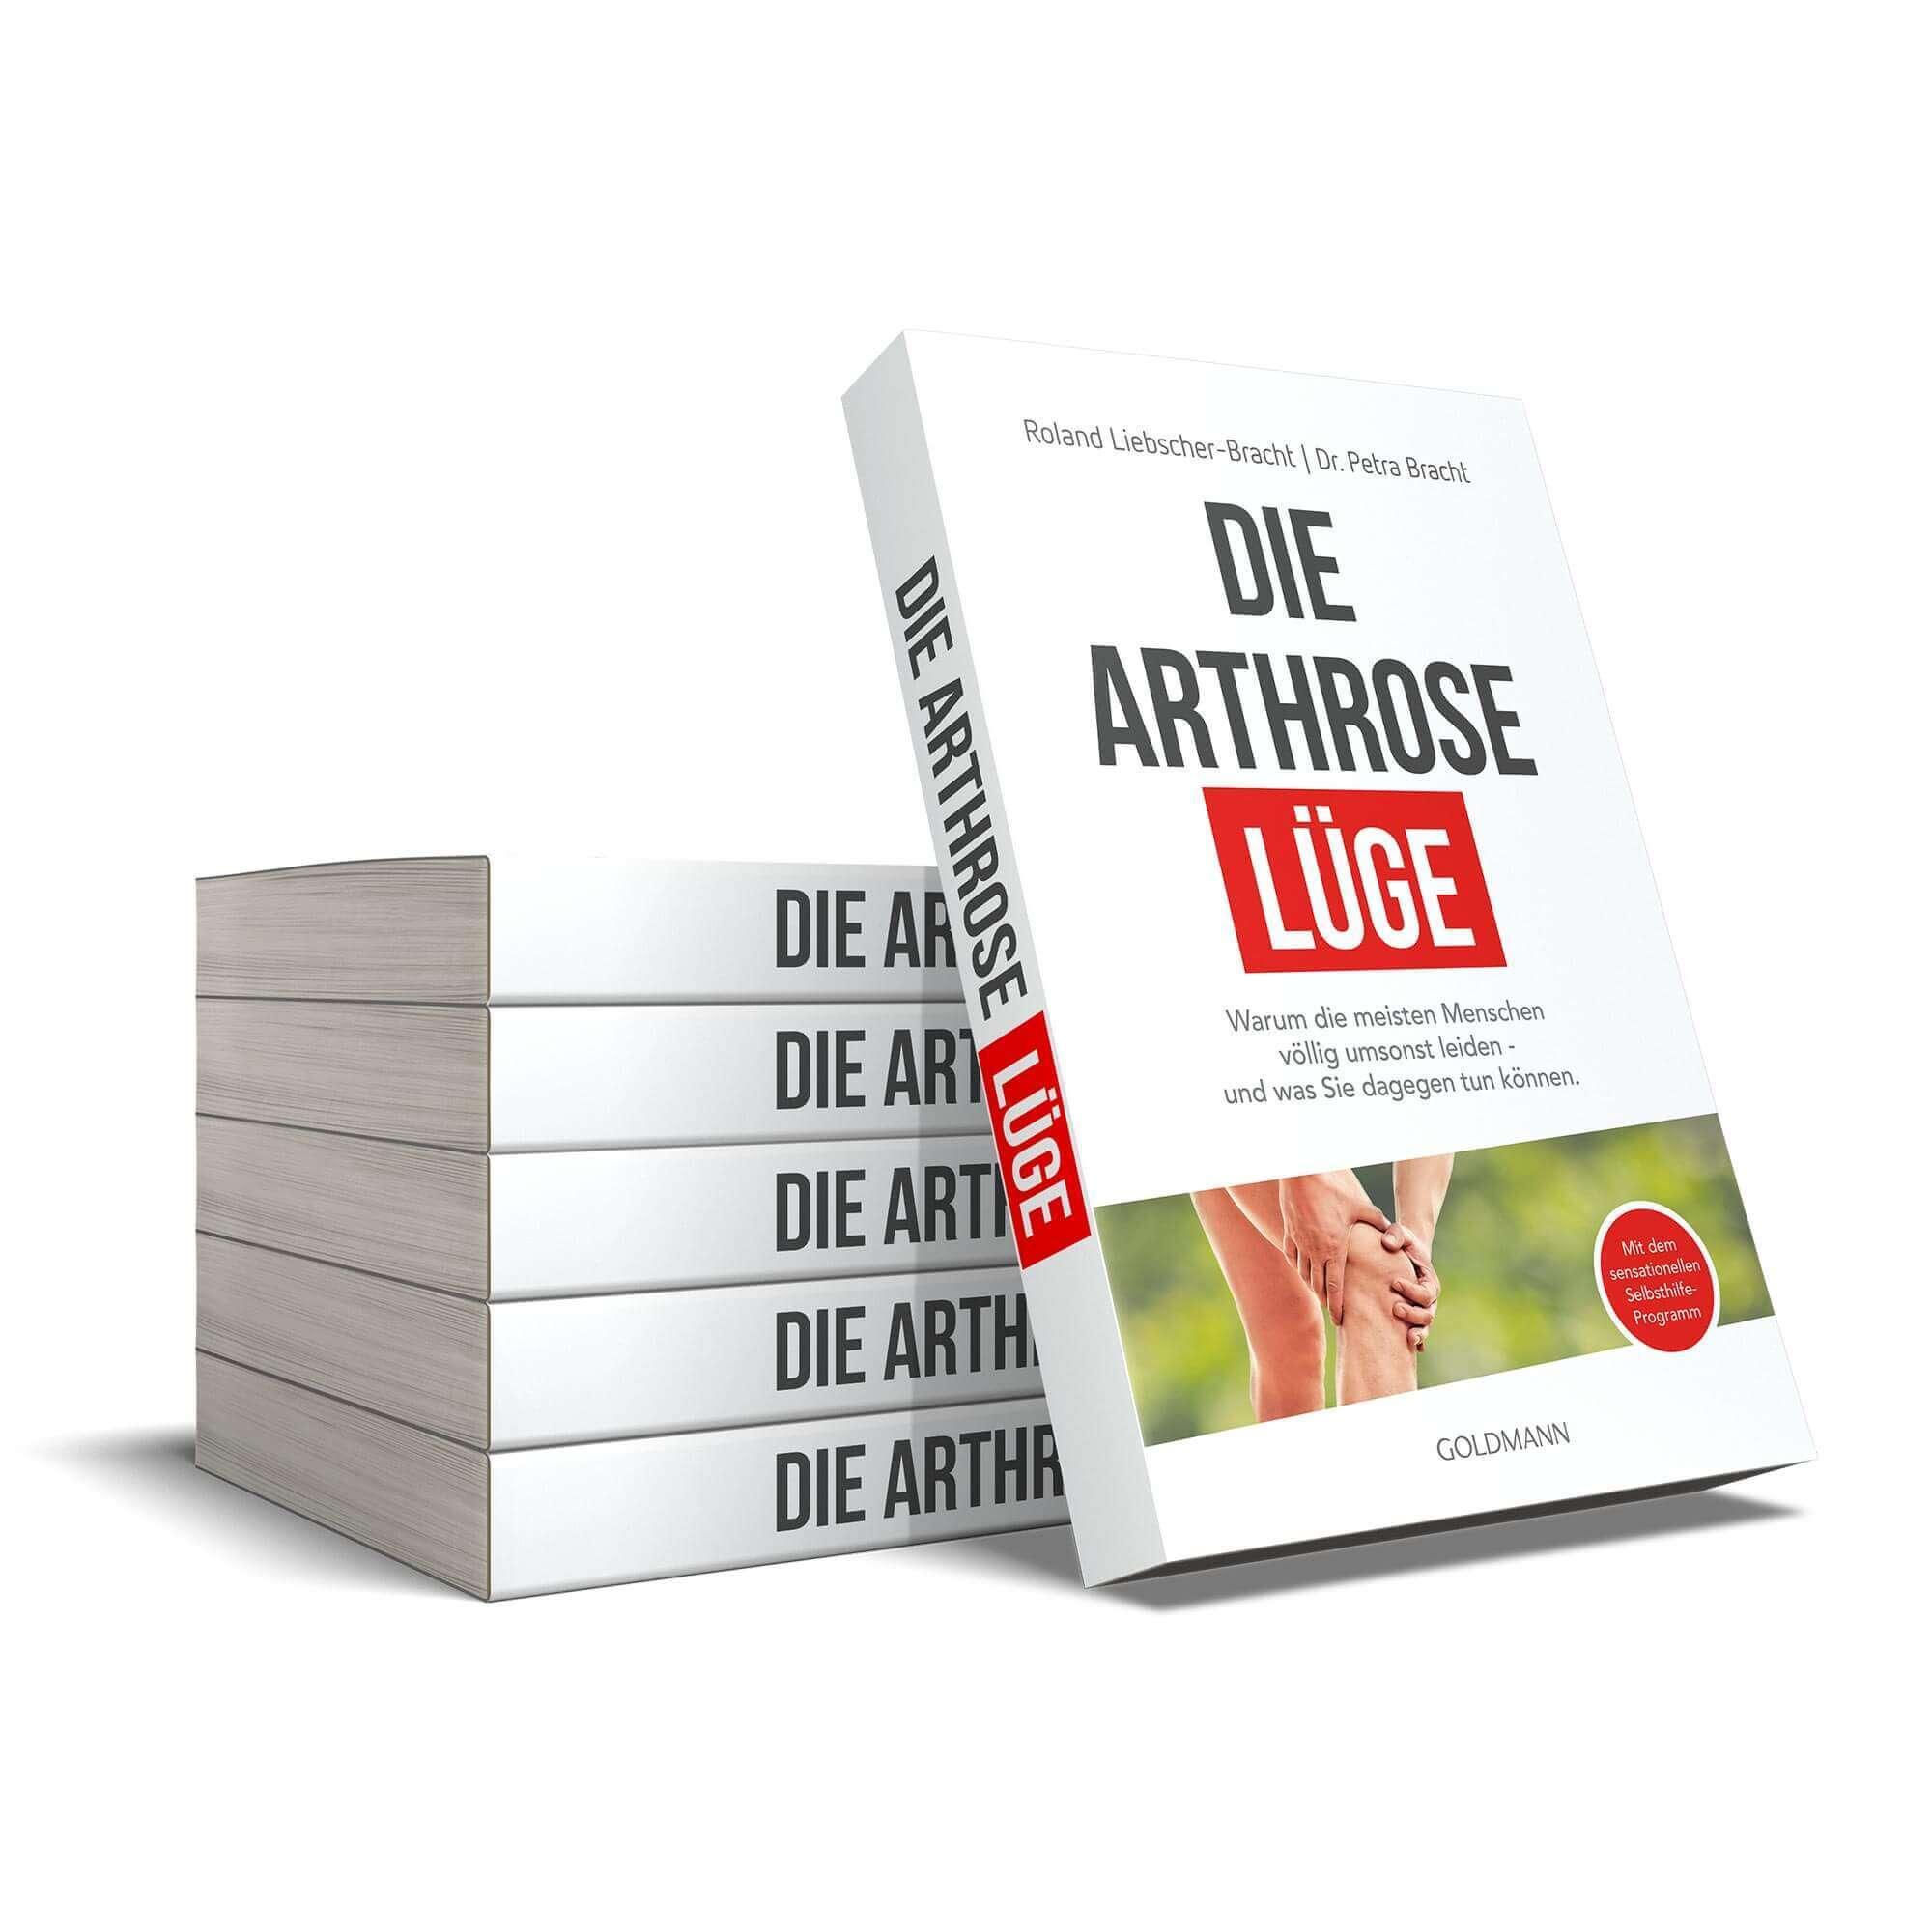 """Buch """"Die Arthrose Lüge"""" Roland Liebscher Bracht"""